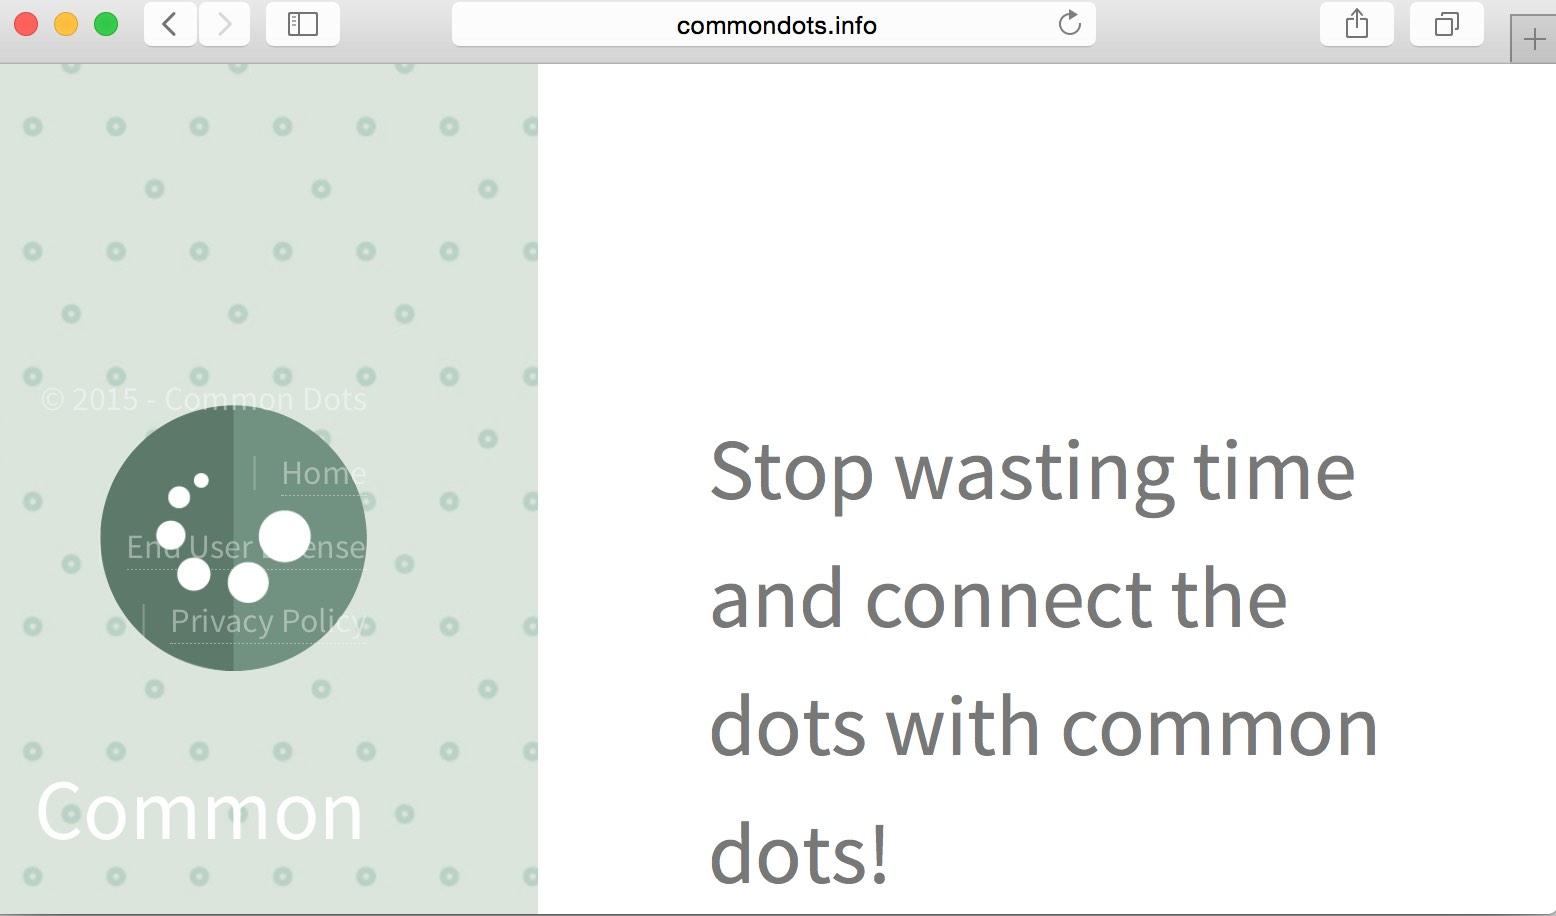 Common Dots adware